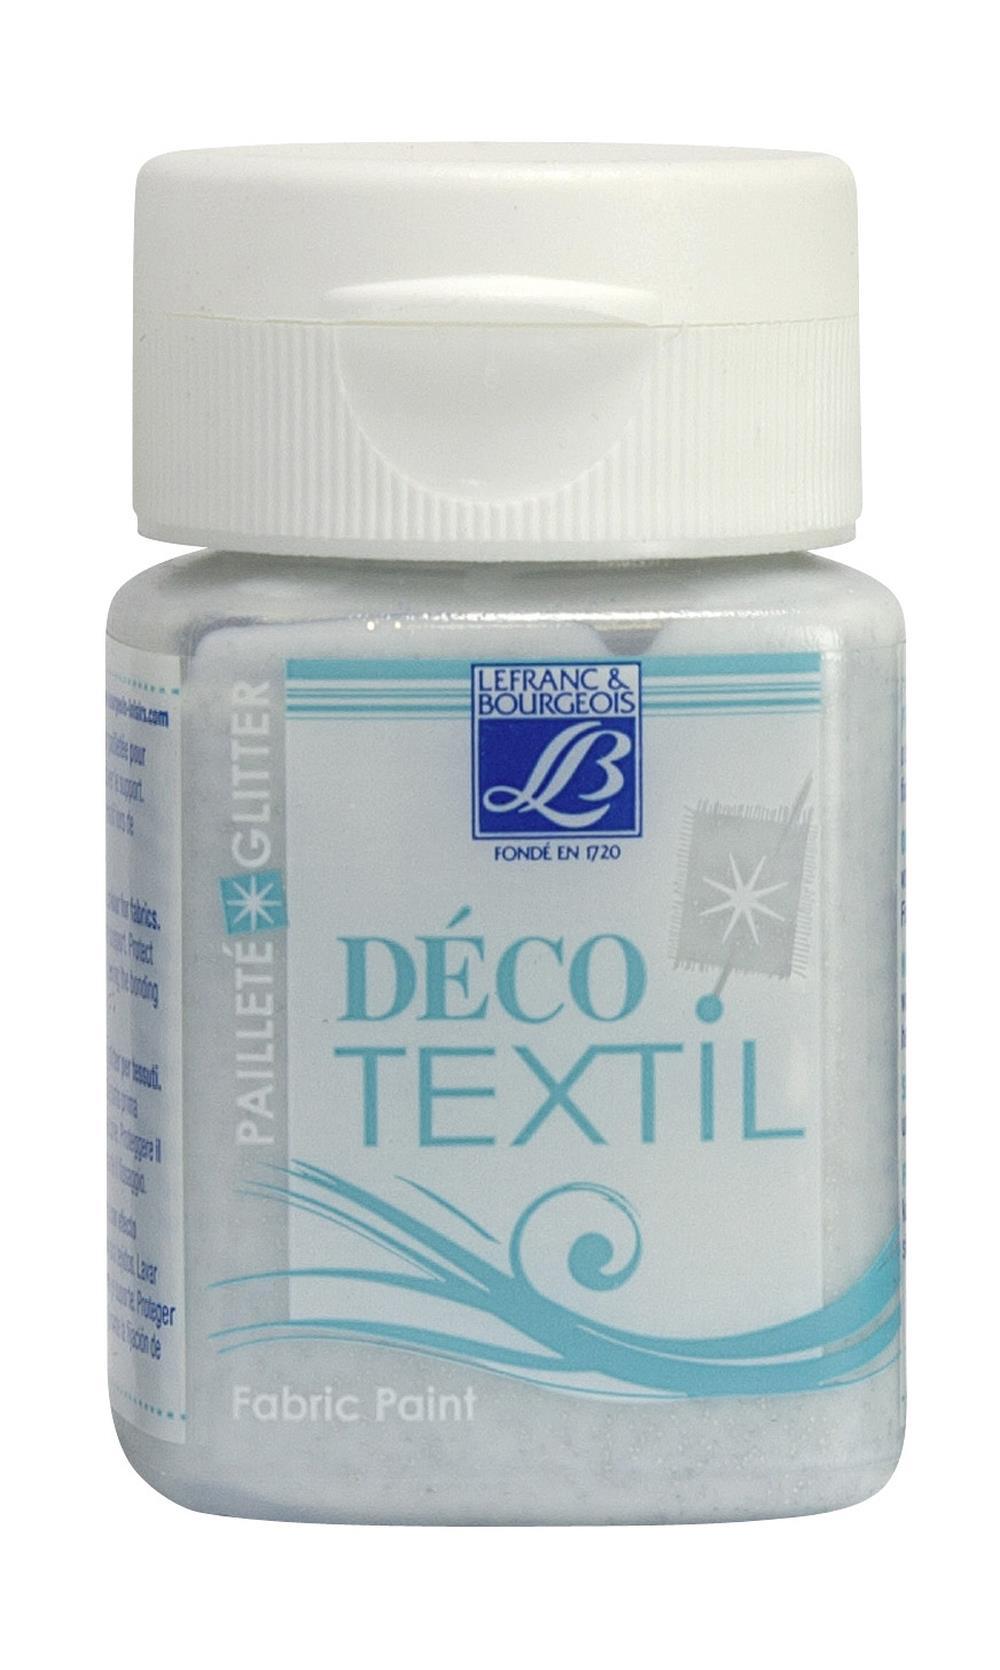 Tygfärg L&B Deco Textil 50ml  Glitter silver  - effekt 4003 (4F)